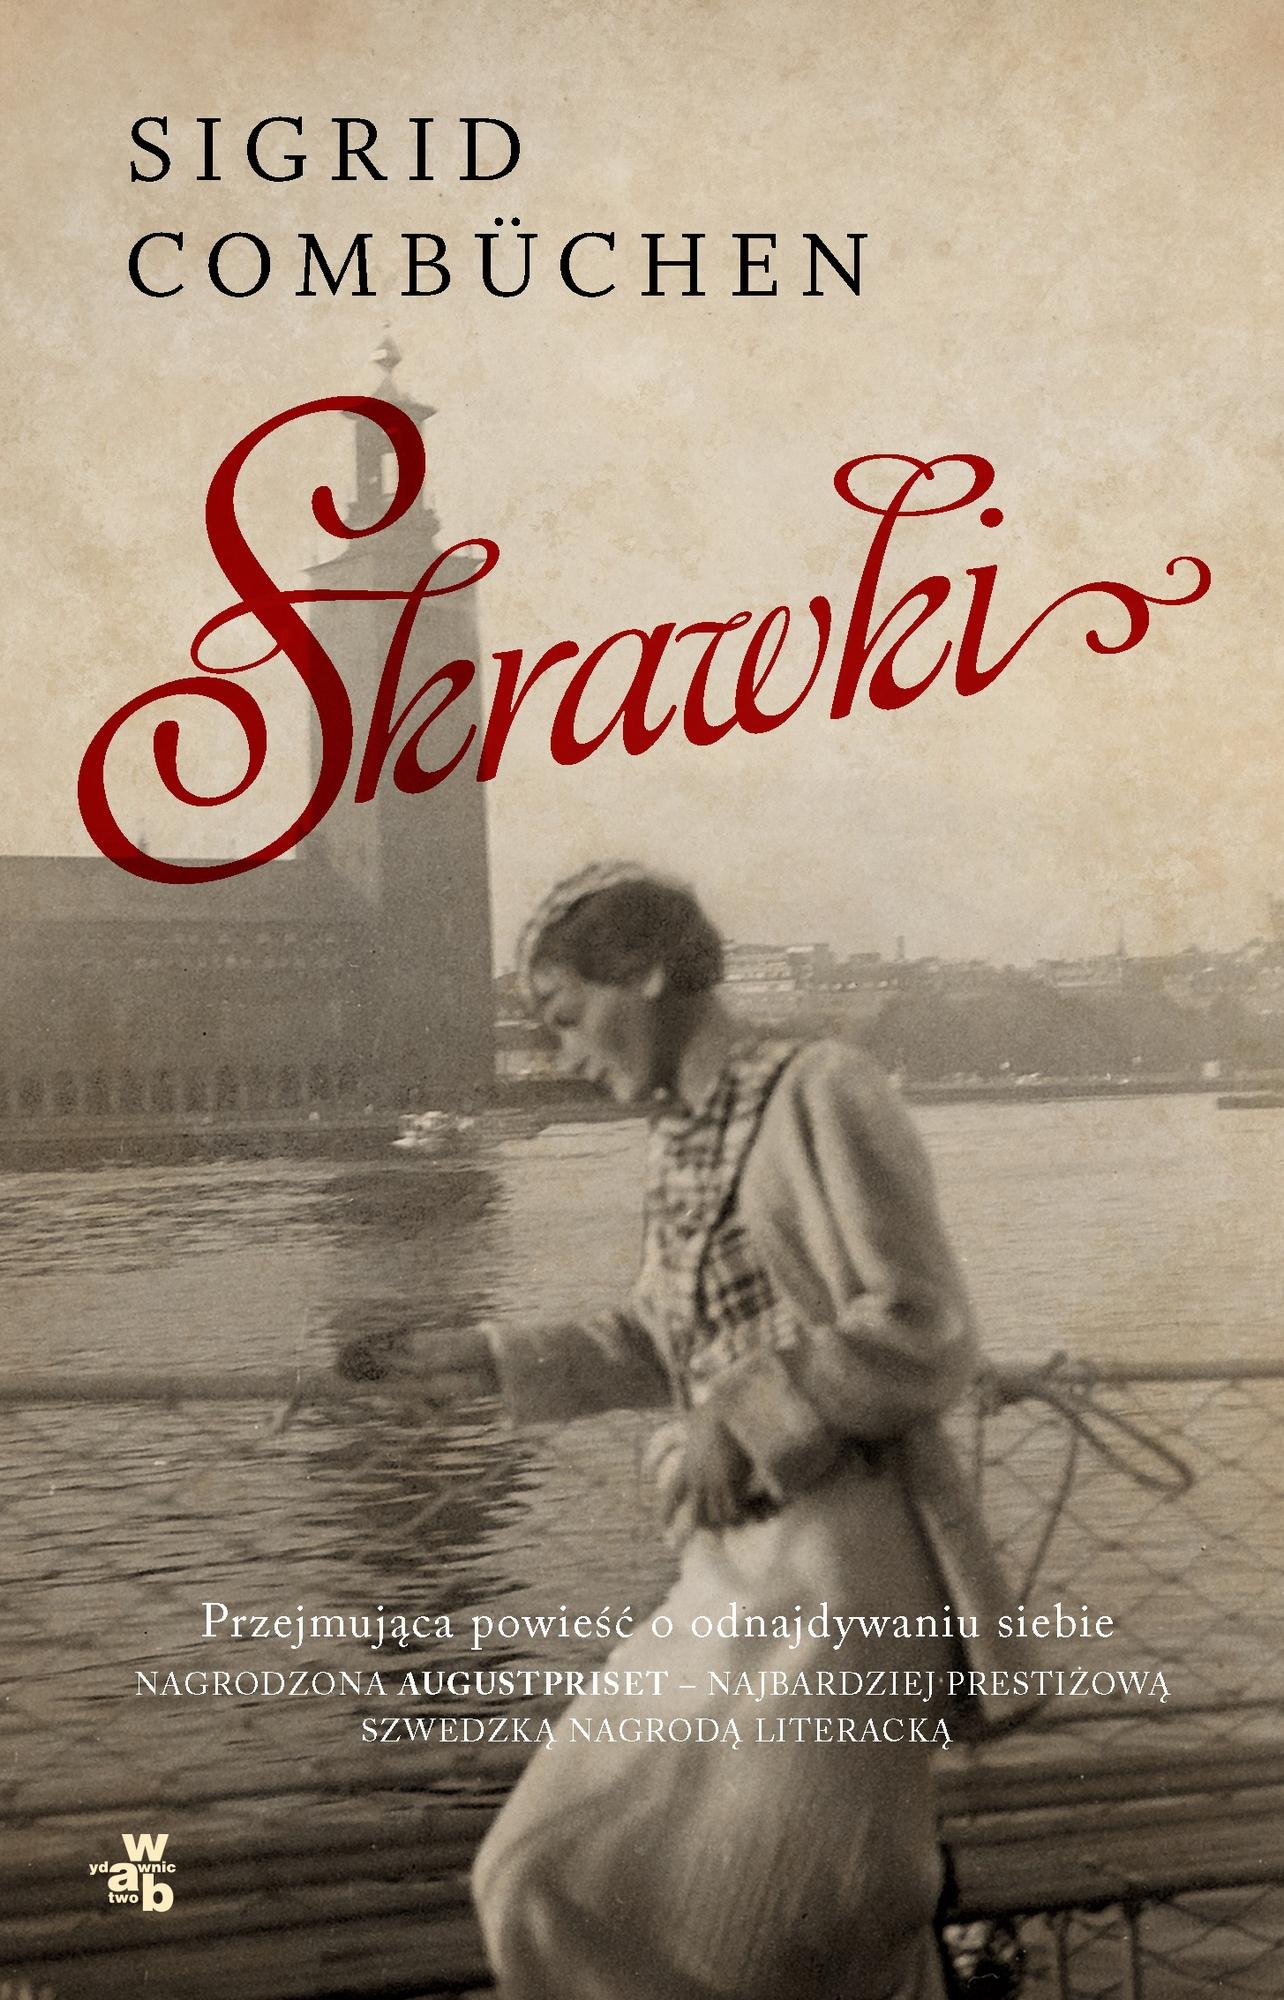 """Sigrid Combüchen, """"Skrawki"""" – okładka (źródło: materiały prasowe)"""